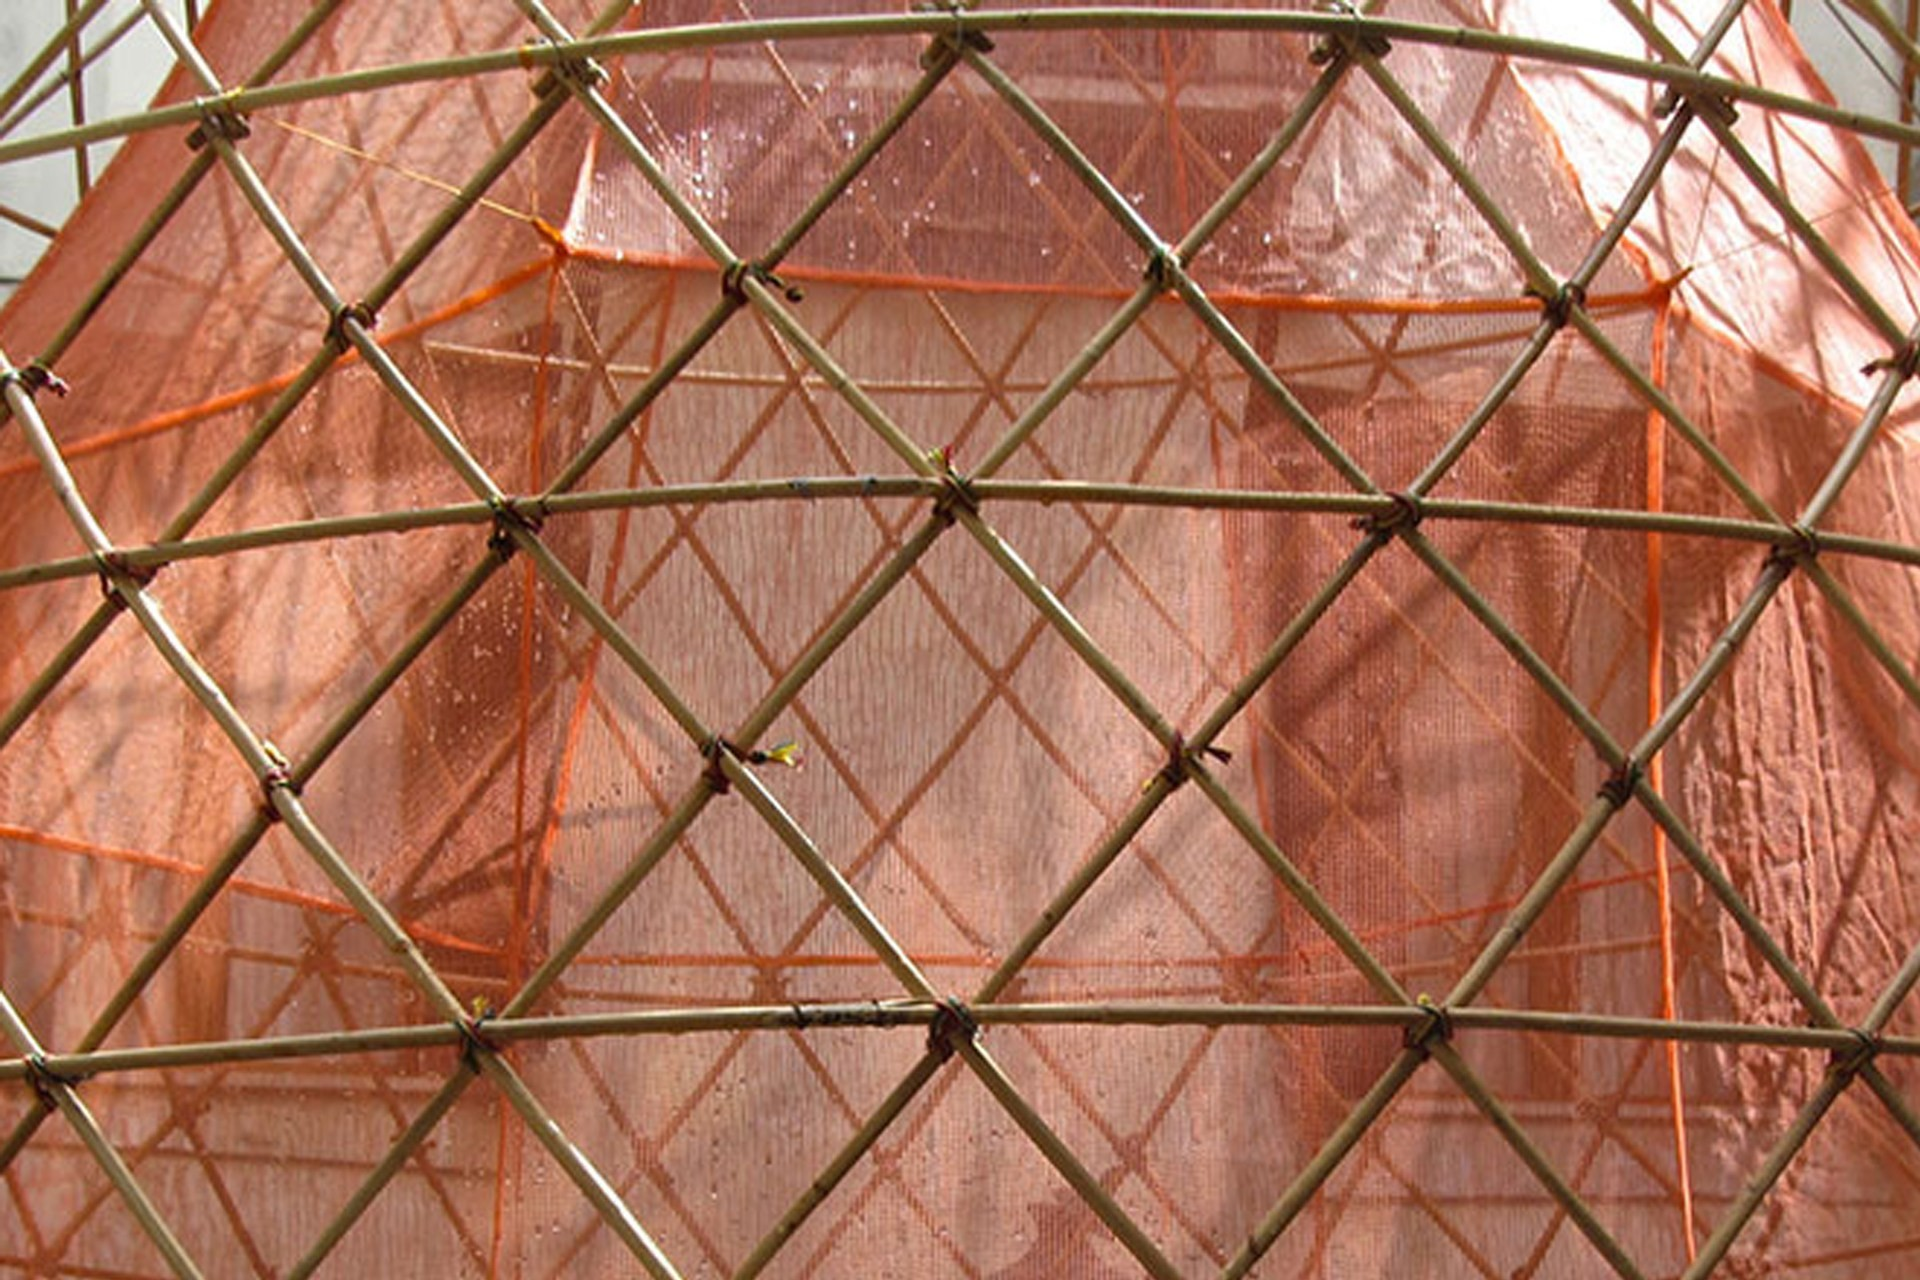 Pele interna de plástico reciclado. Fonte da imagem: Yogui.co